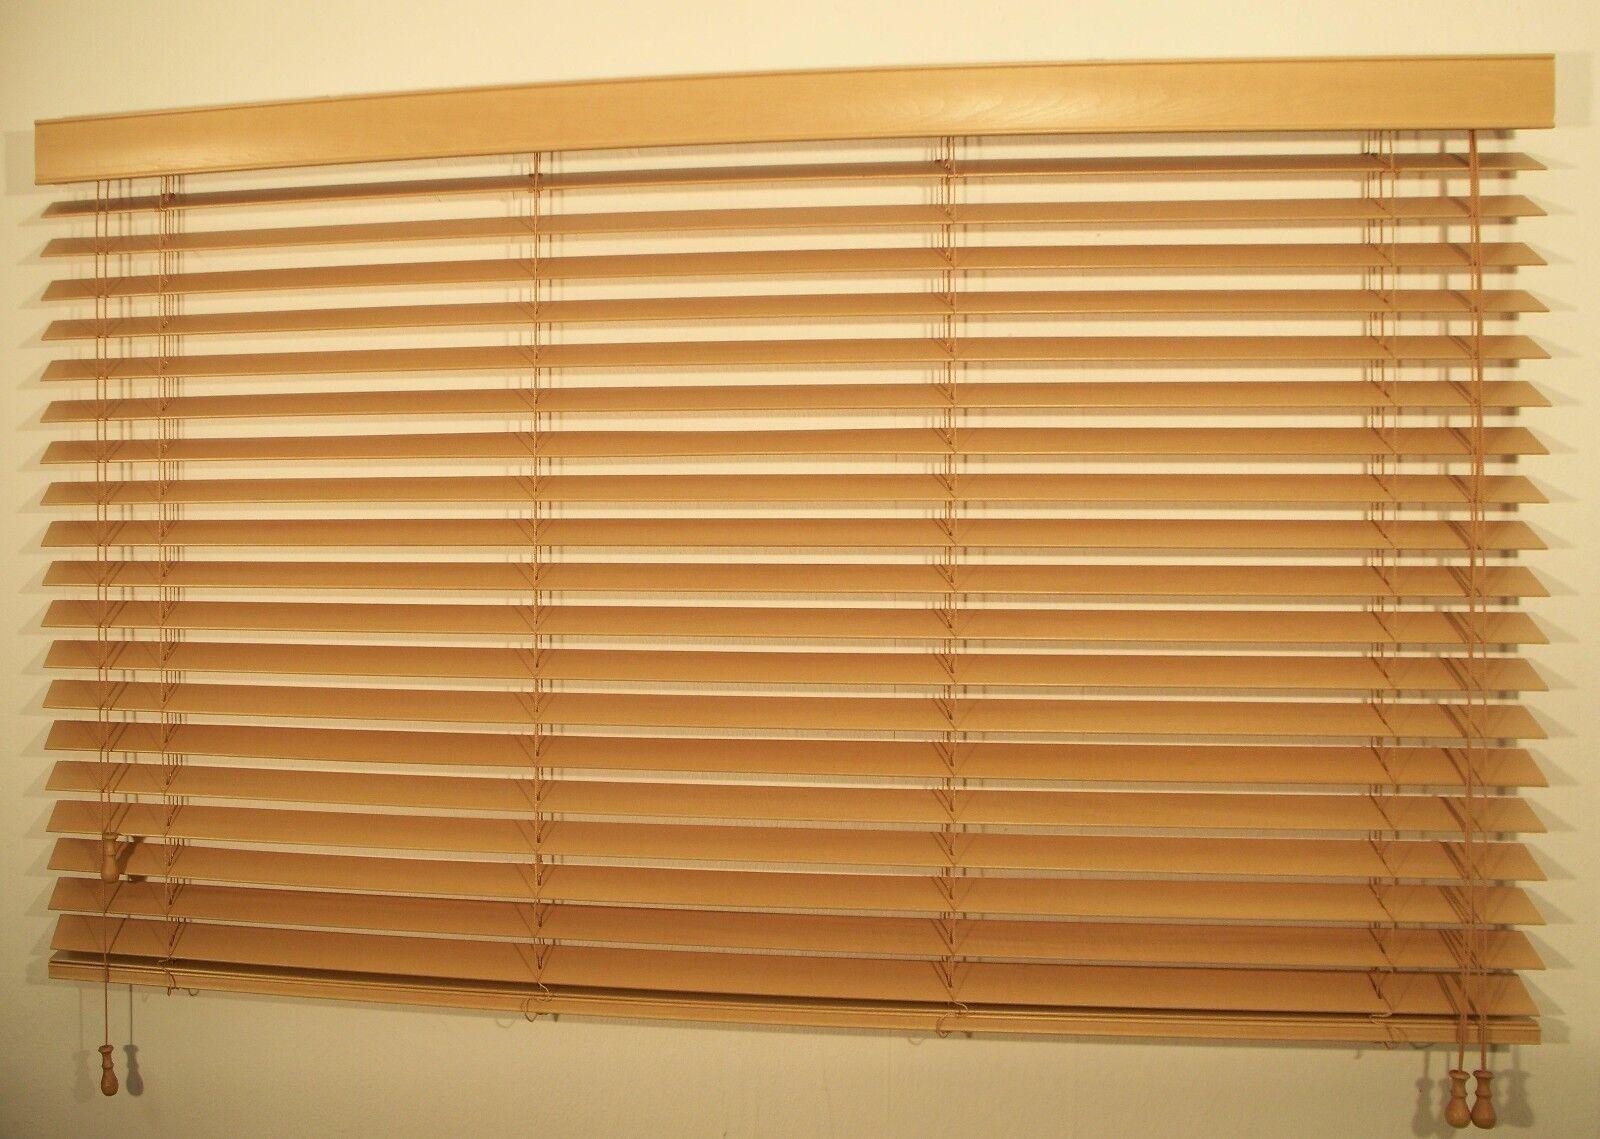 Holz-Jalousie nach Maß neu neu neu Jalousette; Seilführung, Muster Holz | Vorzugspreis  f33acd